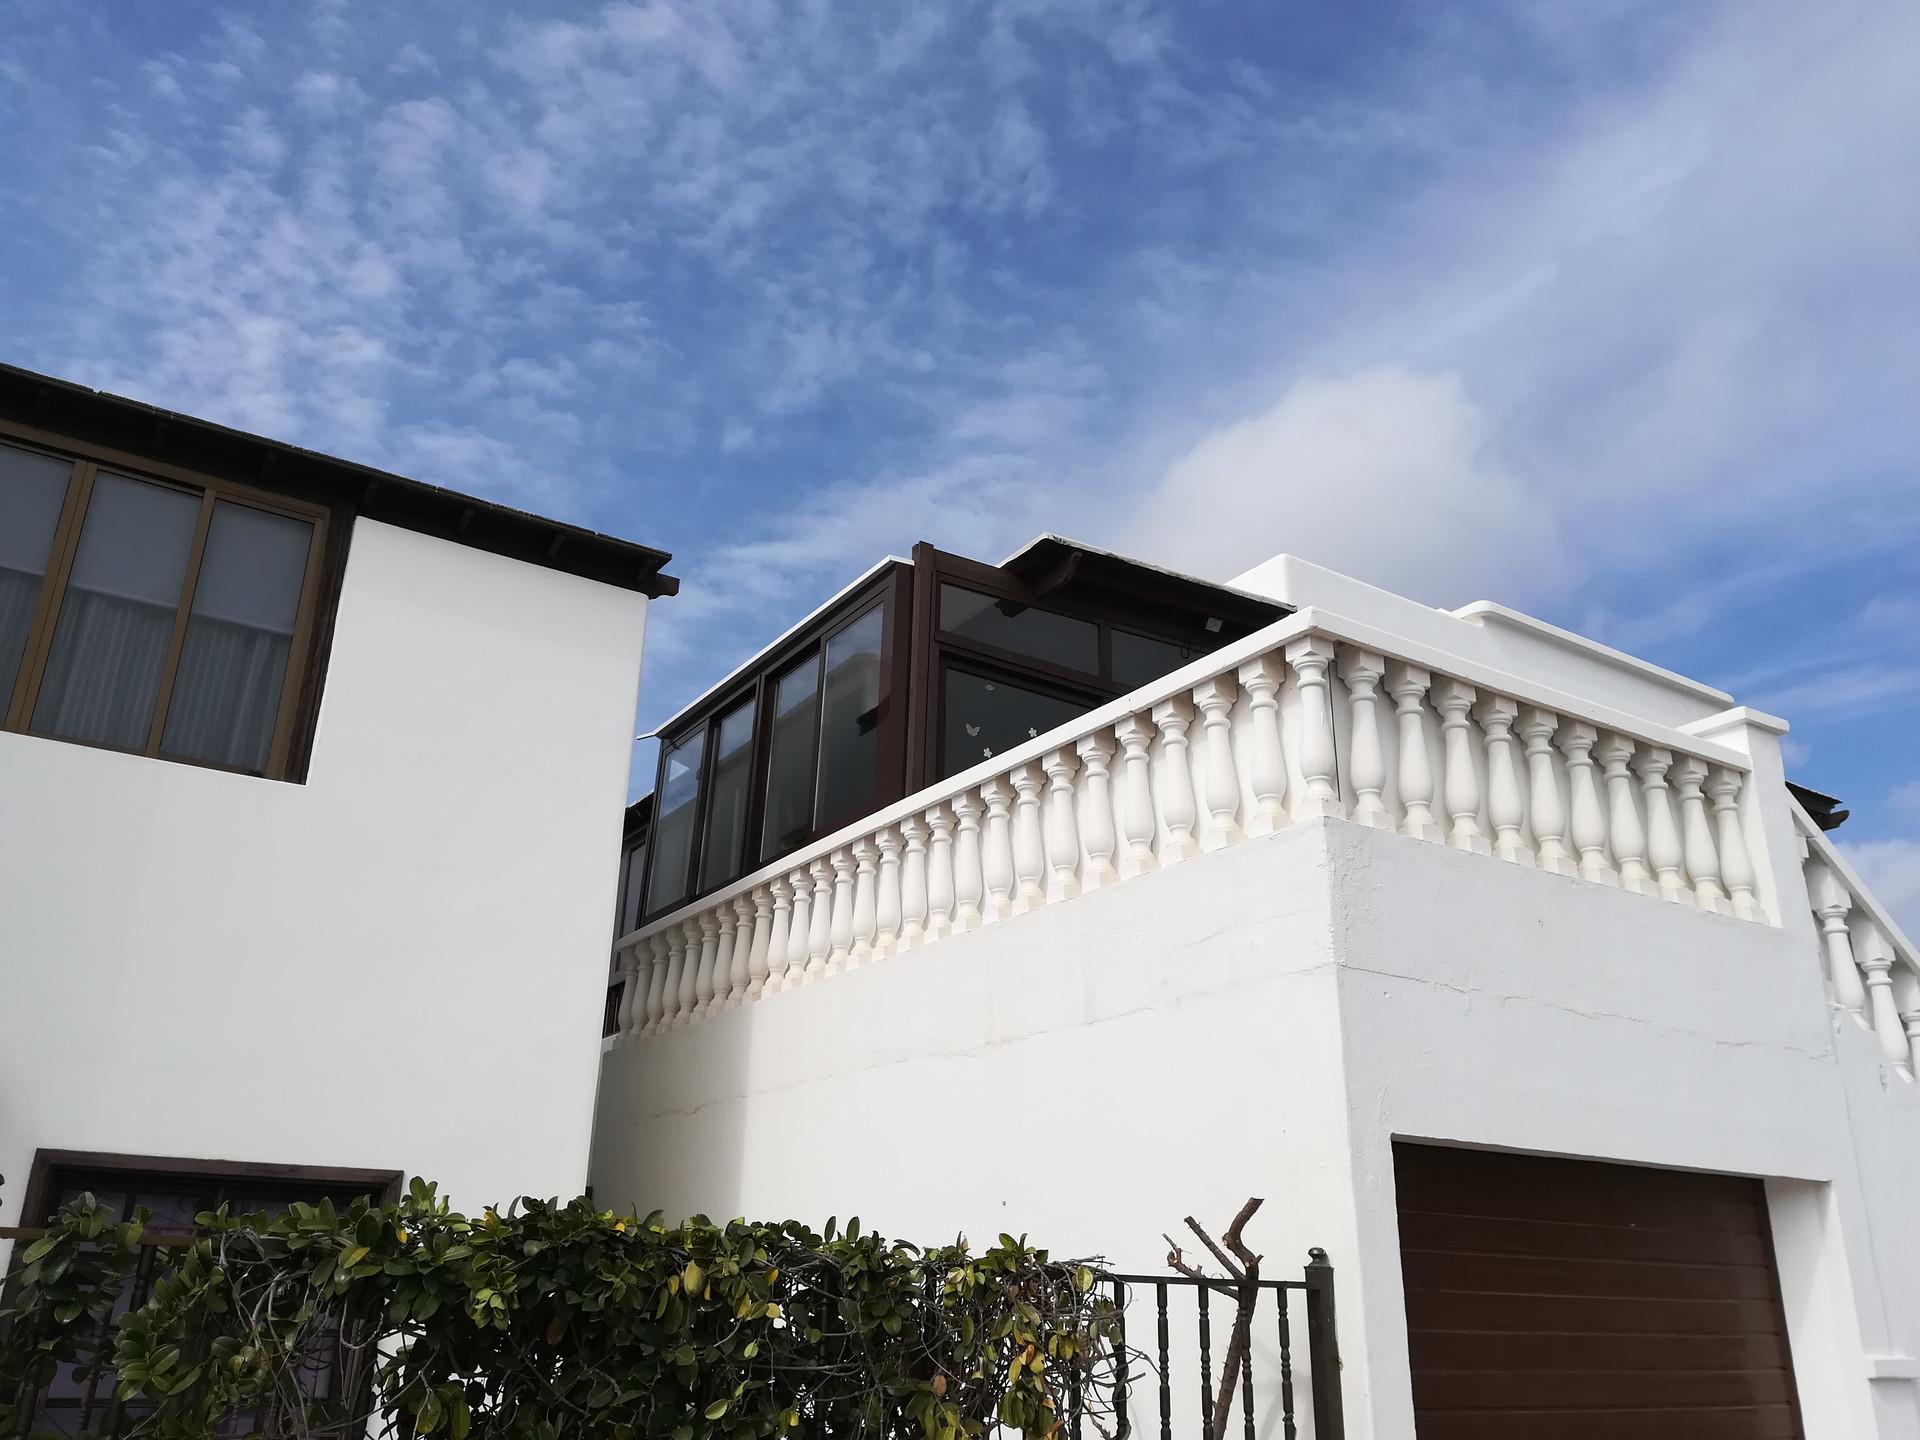 An enclosed balcony pergola